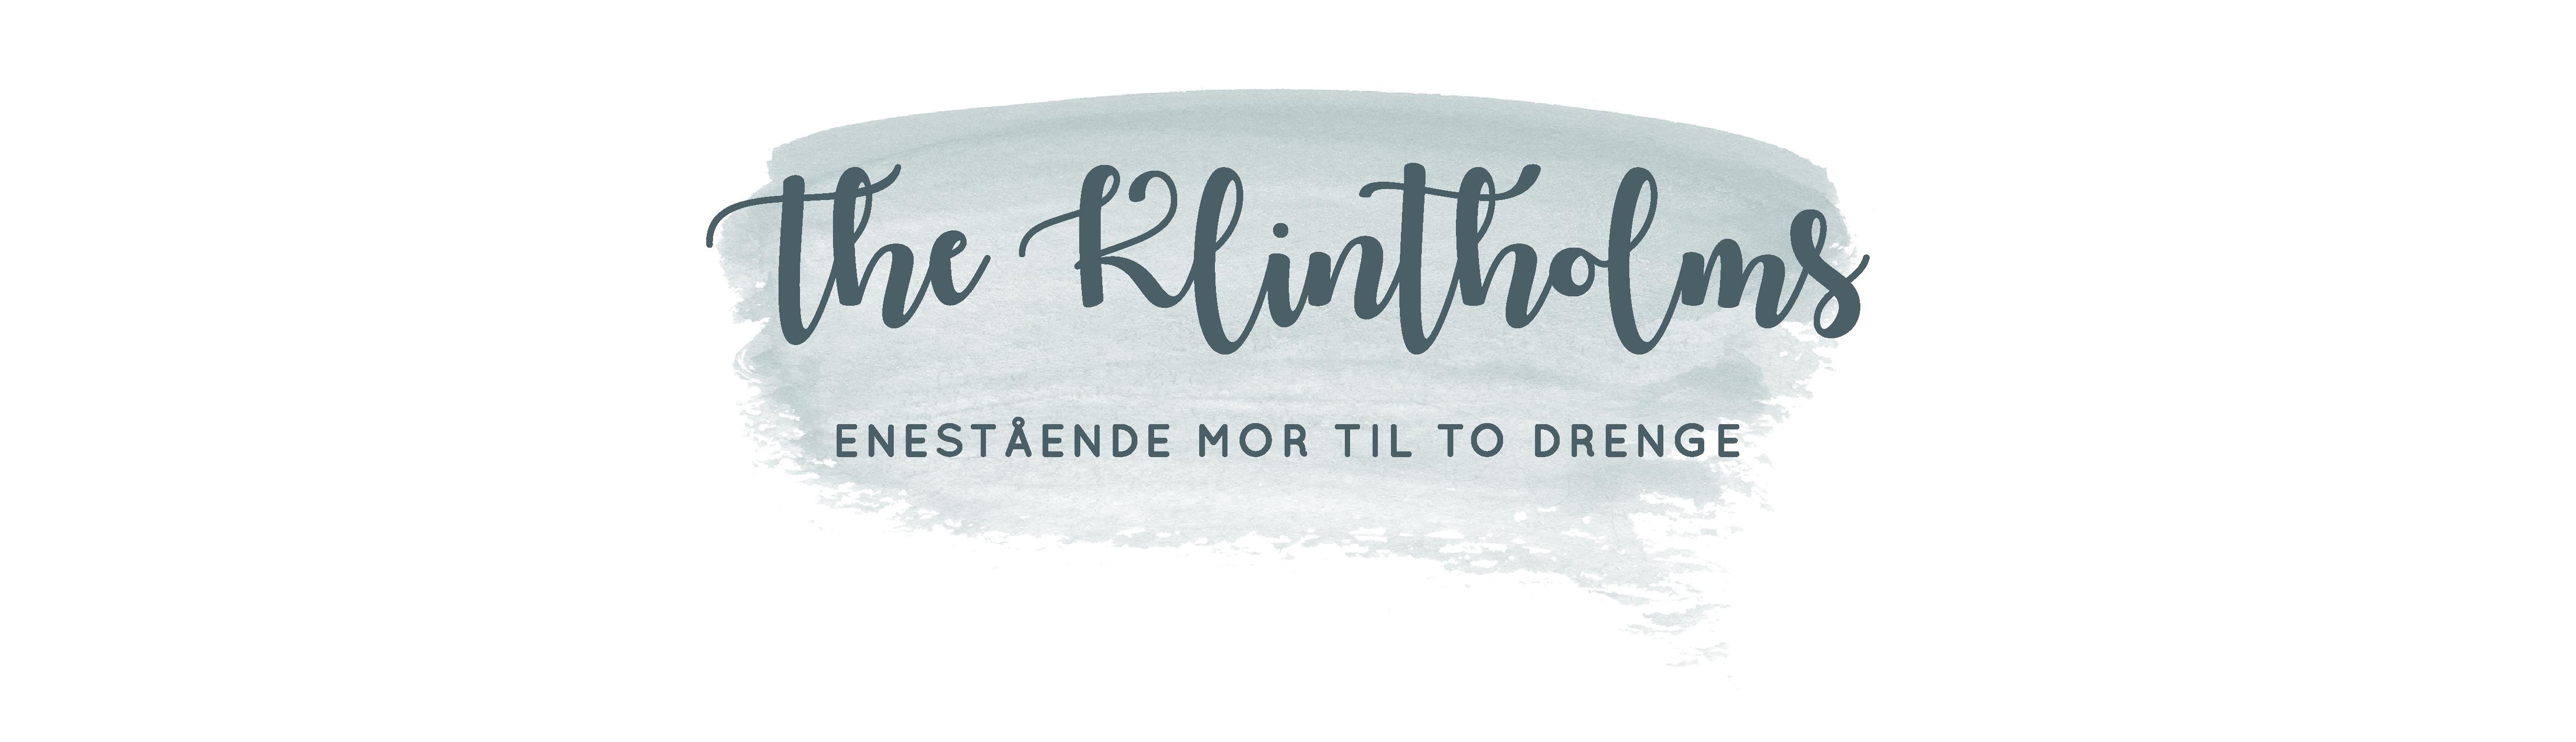 Sarah Klintholm - Side 2 af 5 - Min blog om mit liv med børn og masser af spændende oplevelser